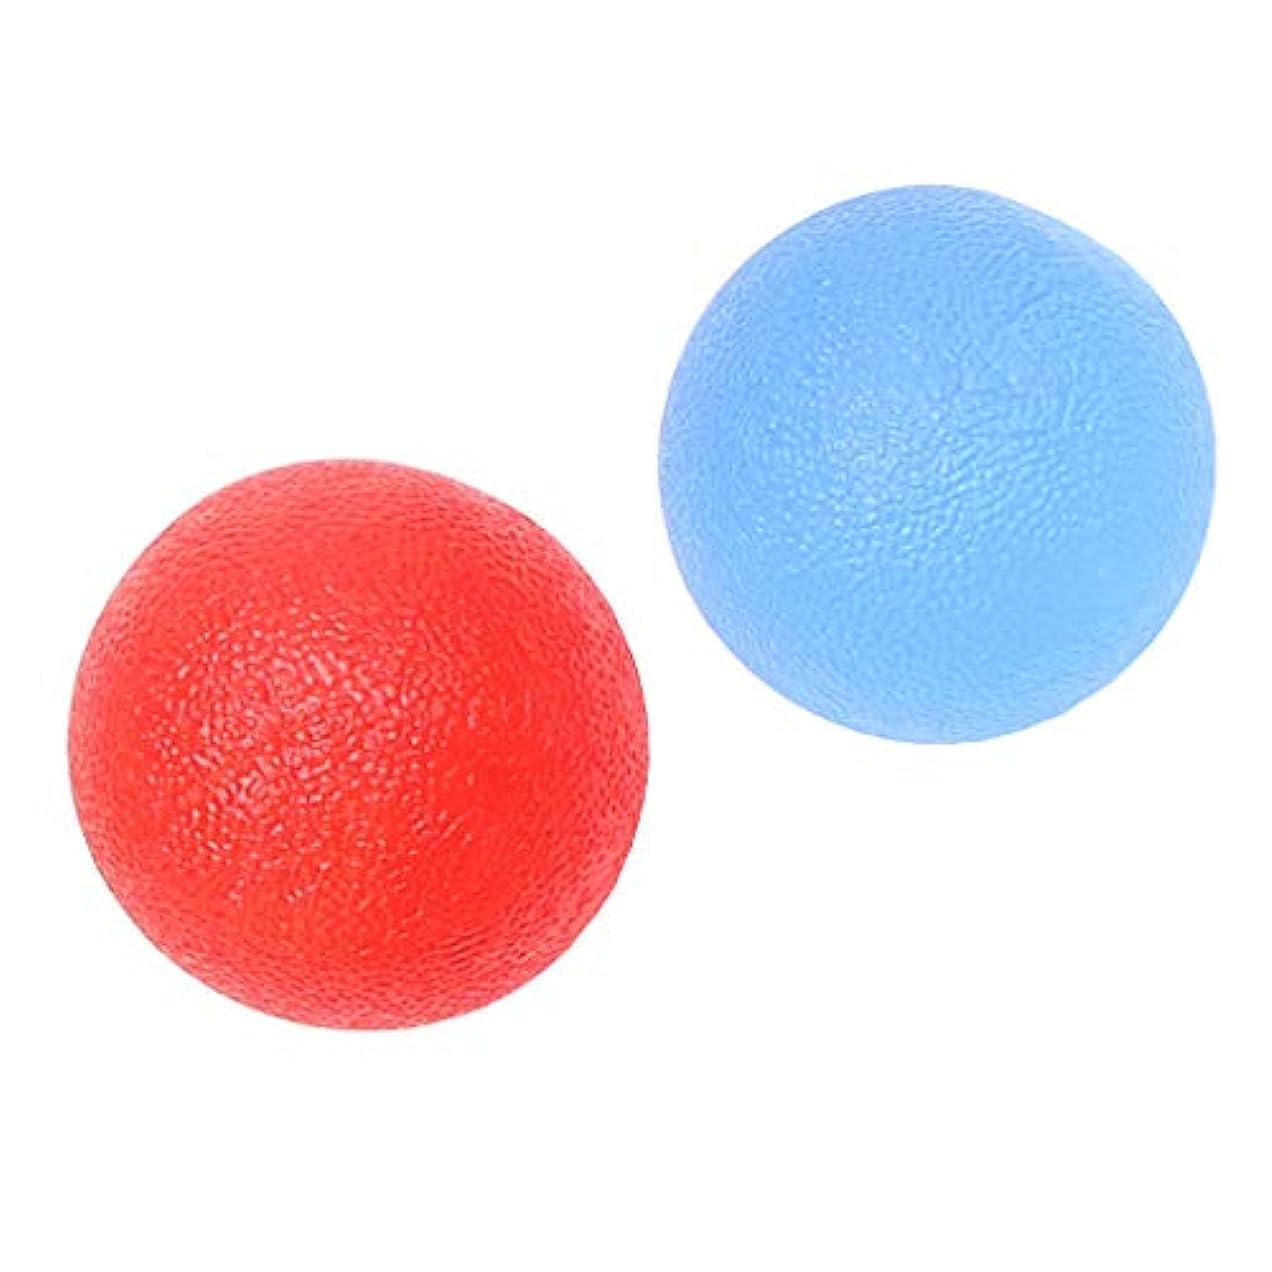 知っているに立ち寄る切断する研究所2個 ハンドエクササイズボール ハンドグリップ シリコン 指トレーニング ストレス緩和 柔軟 赤/青